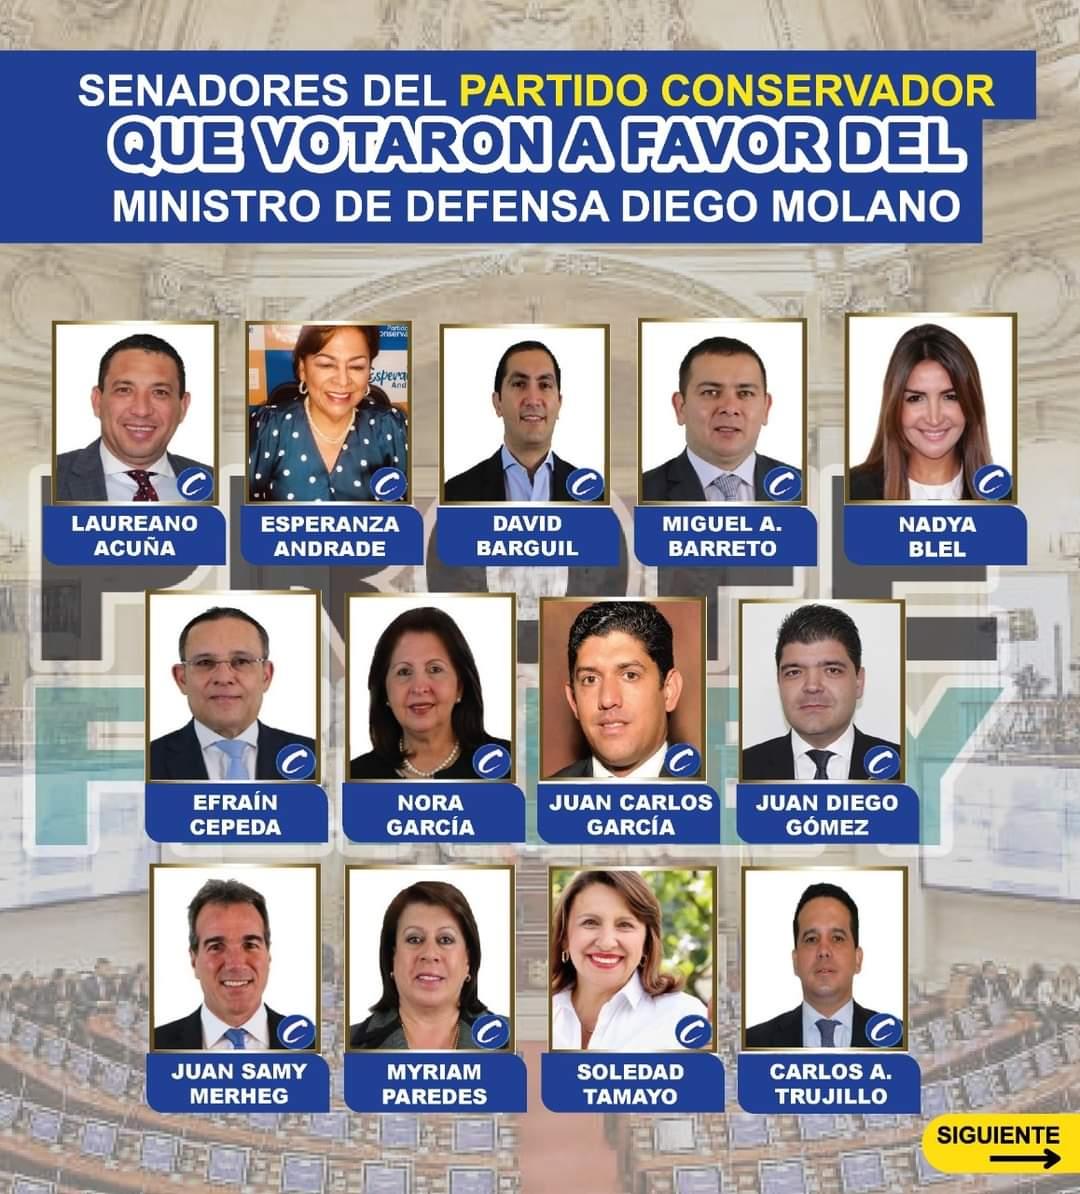 Estos son los congresistas que votaron en contra de la moción de censura al Mindefensa ...